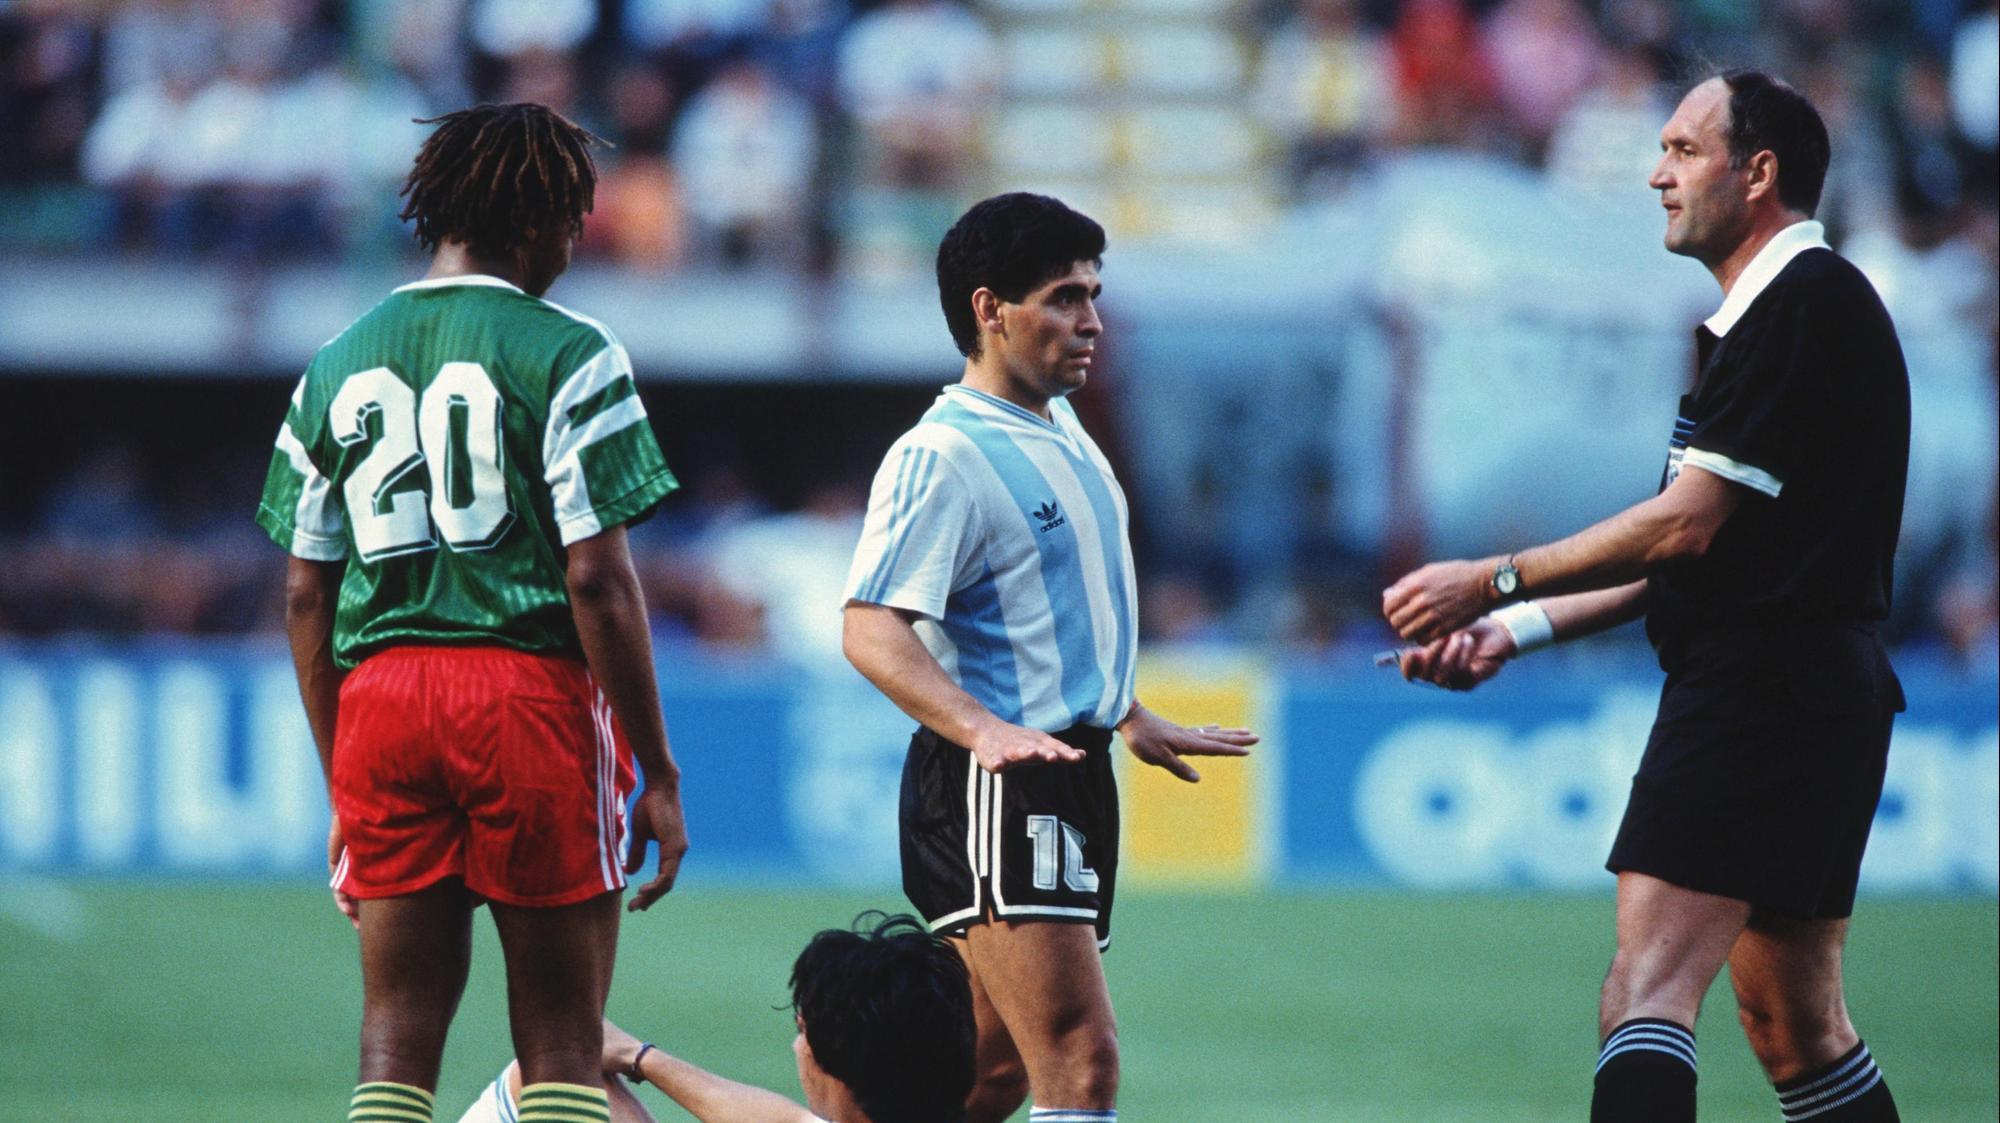 השופט מישל ווטרו, דייגו מראדונה נבחרת ארגנטינה, סיריל מקנאקי נבחרת קמרון, הגביע העולמי 1990. GettyImages